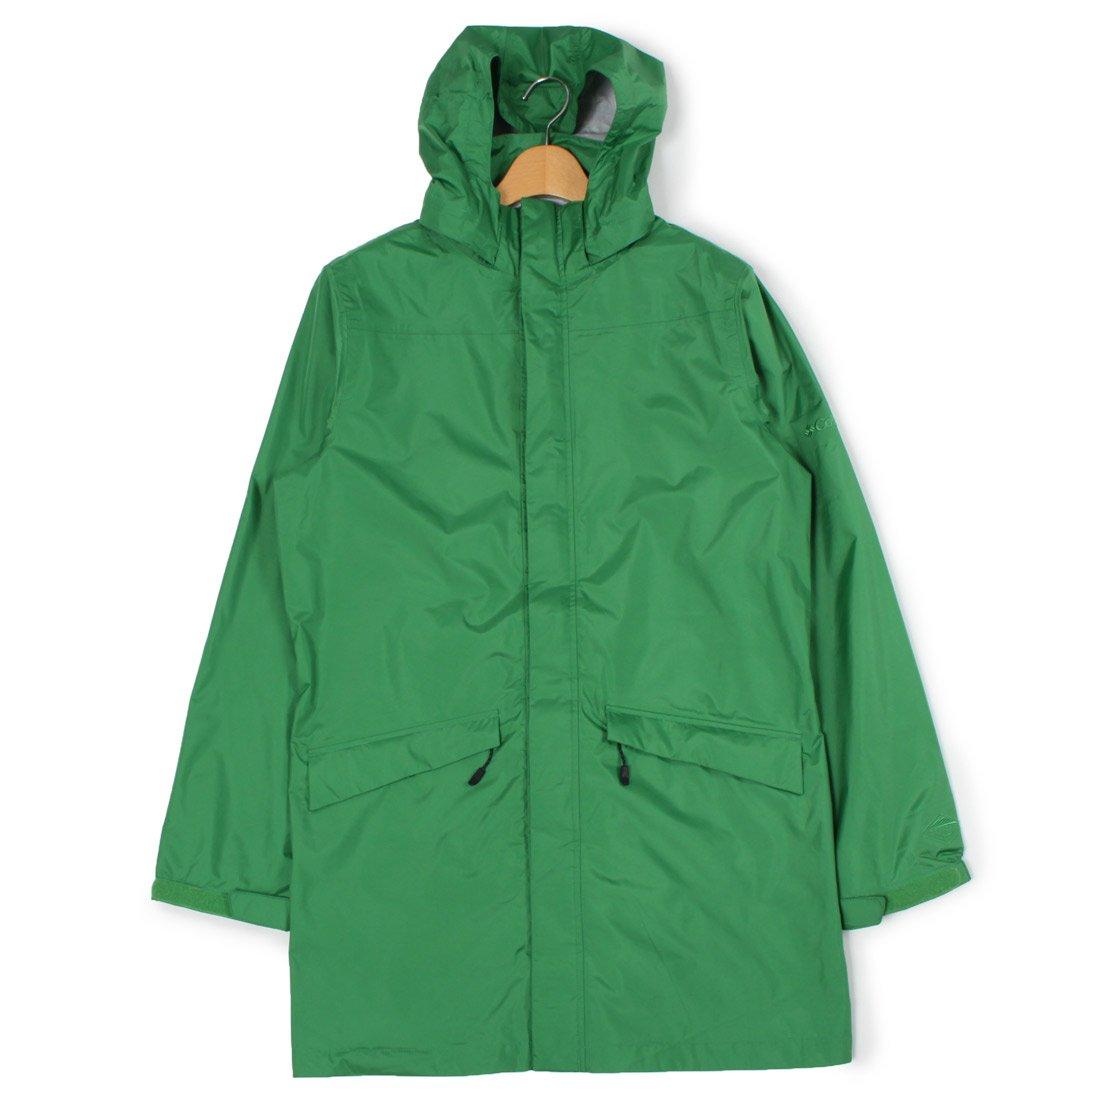 (コロンビア)COLUMBIA レインコート ウィンズレイクランドジャケット PM5986 メンズ B01FJ32O0G S|05.ミディアムグリーン 05.ミディアムグリーン S